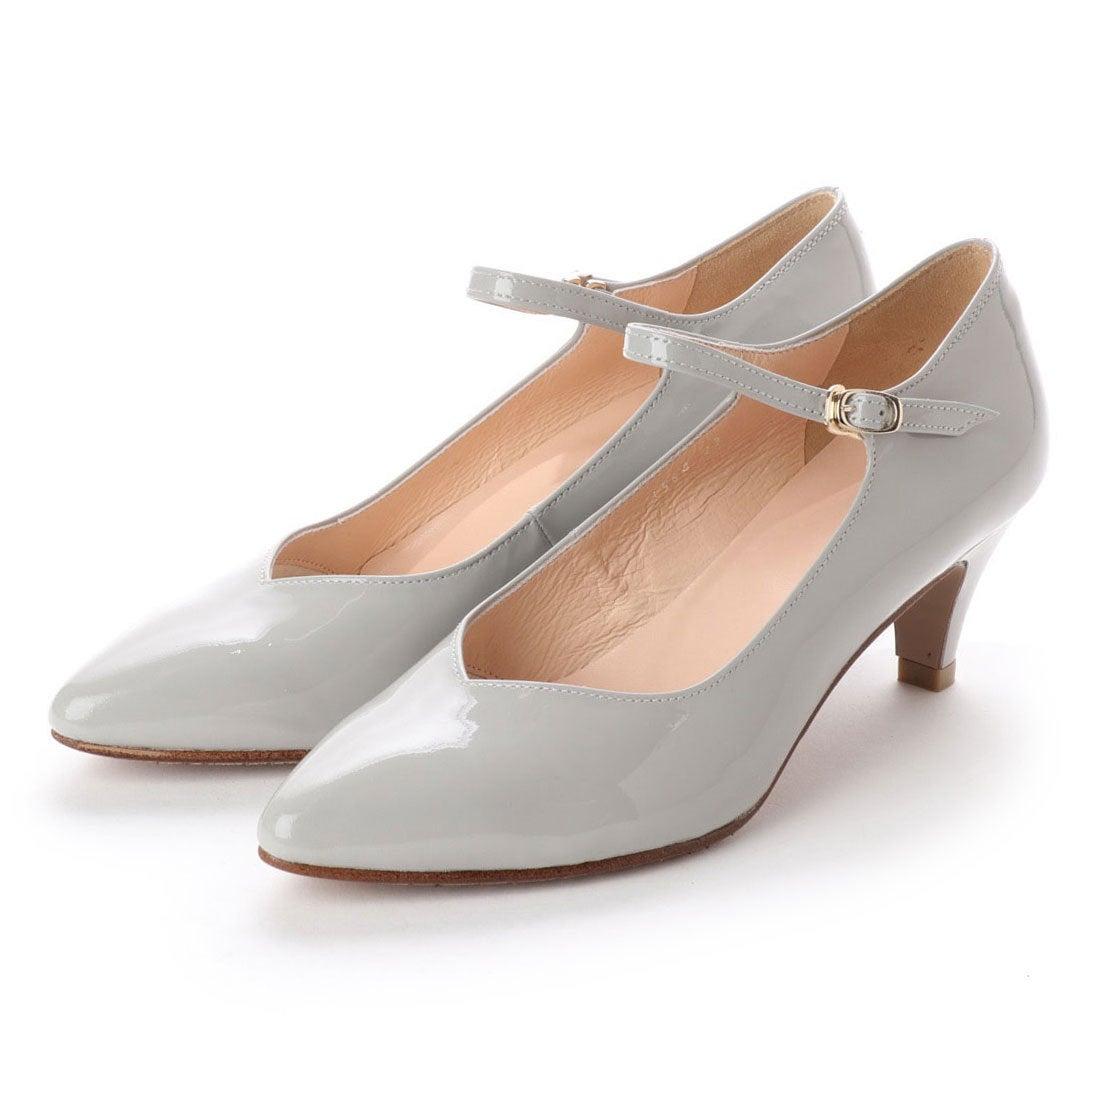 ロコンド 靴とファッションの通販サイトフラッグFLAGサラサラ撥水ストラップパンプス(LGY/E)